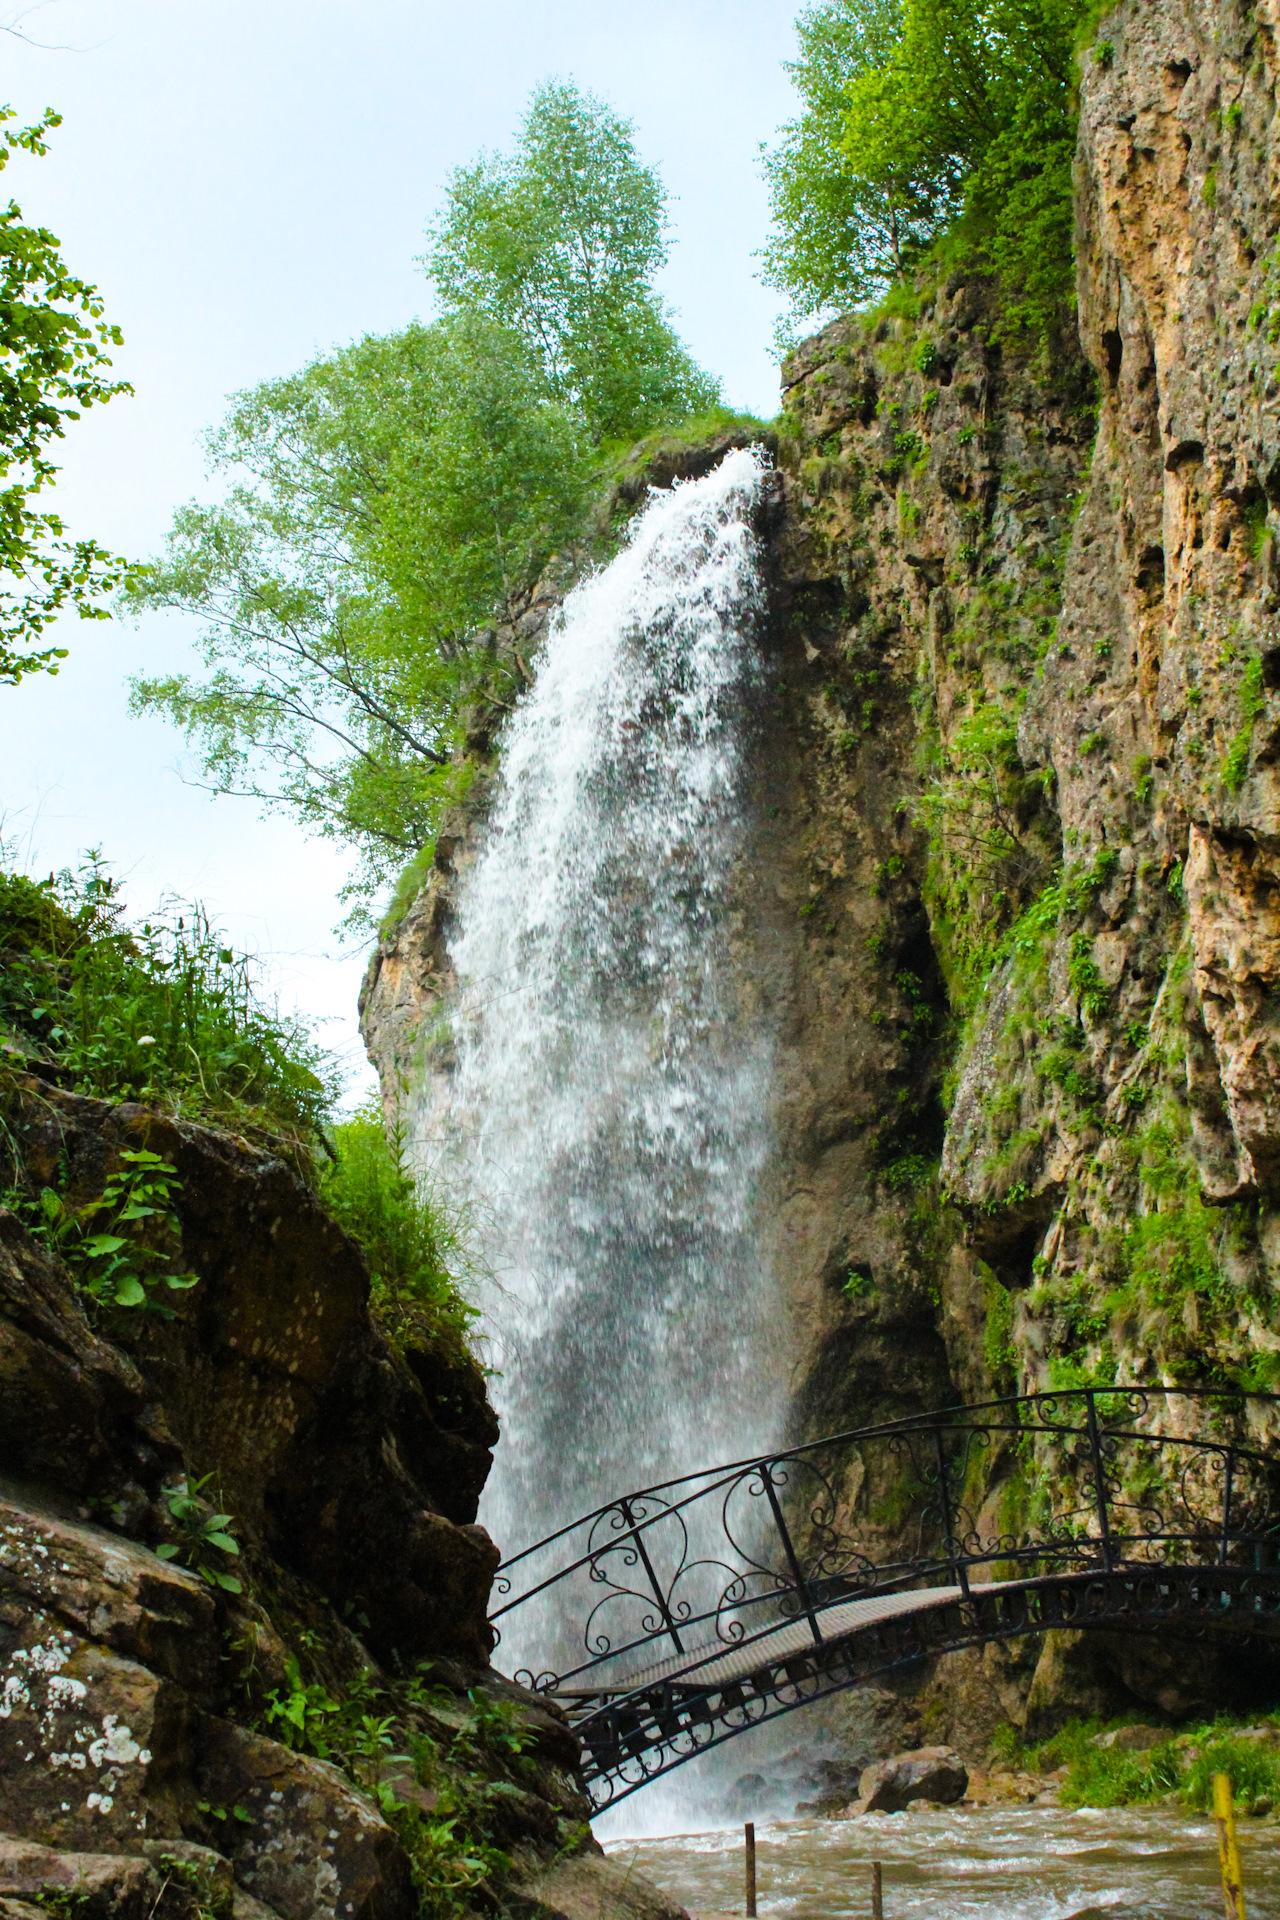 расположенными медовые водопады в кисловодске фото ювелирные украшения топазом